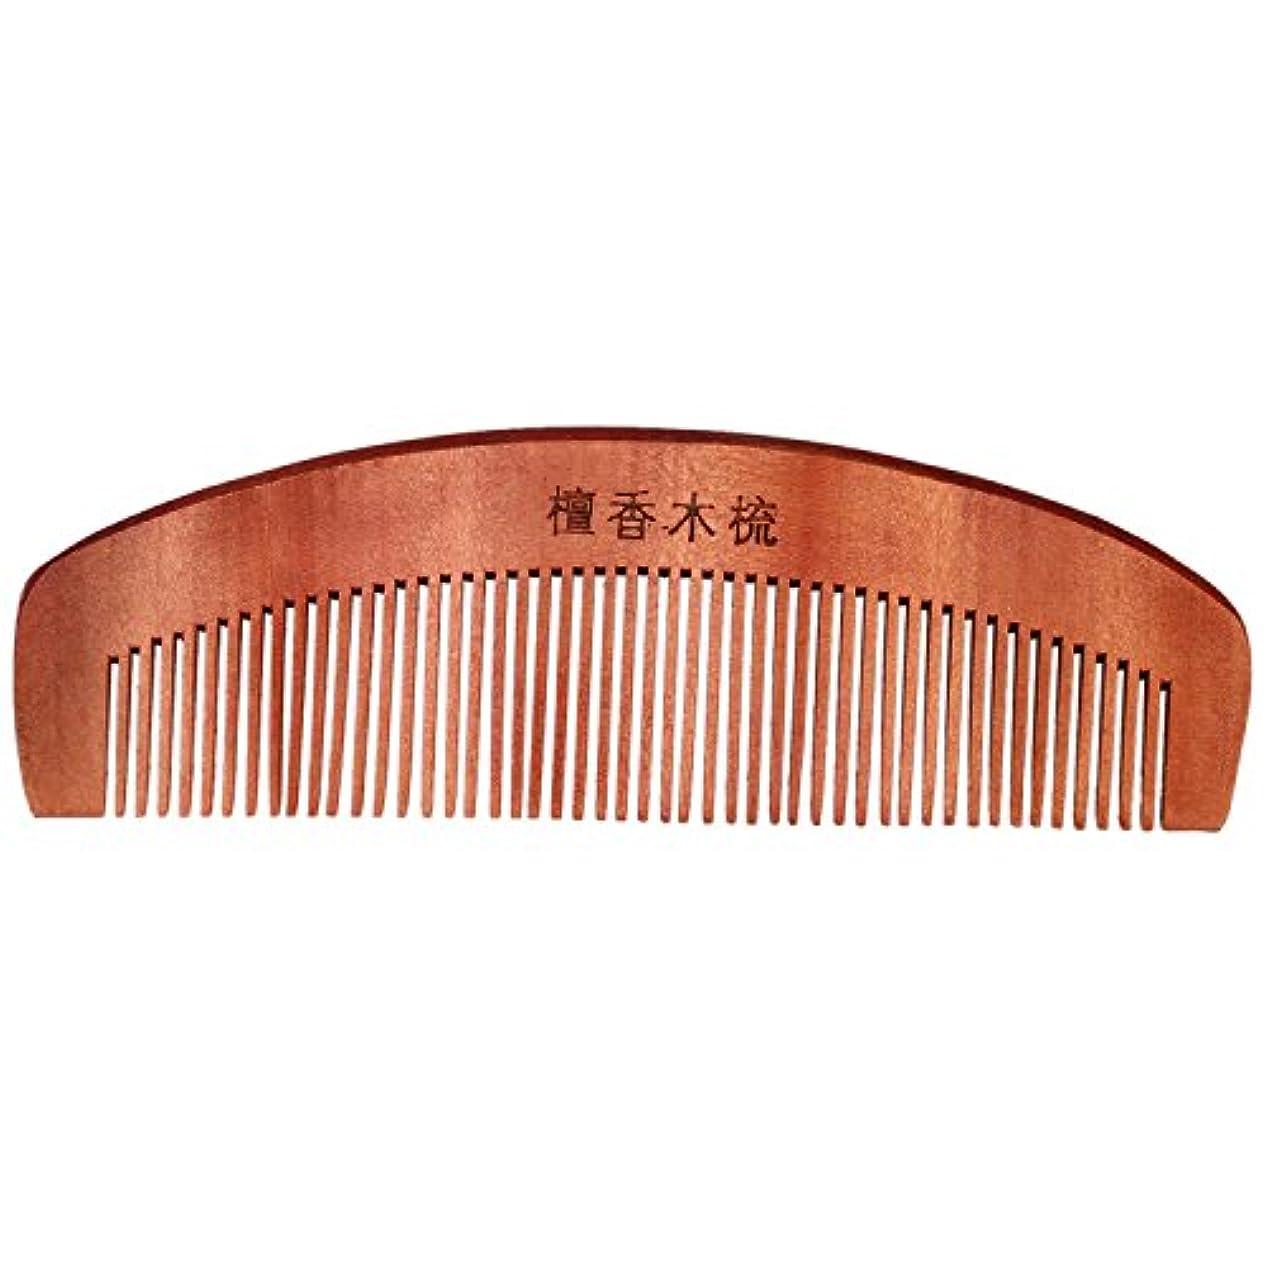 付き添い人必需品十億くし,SODIAL(R)コーヒー色の香りの良い天然木木製の髪ケア理髪くし5.7